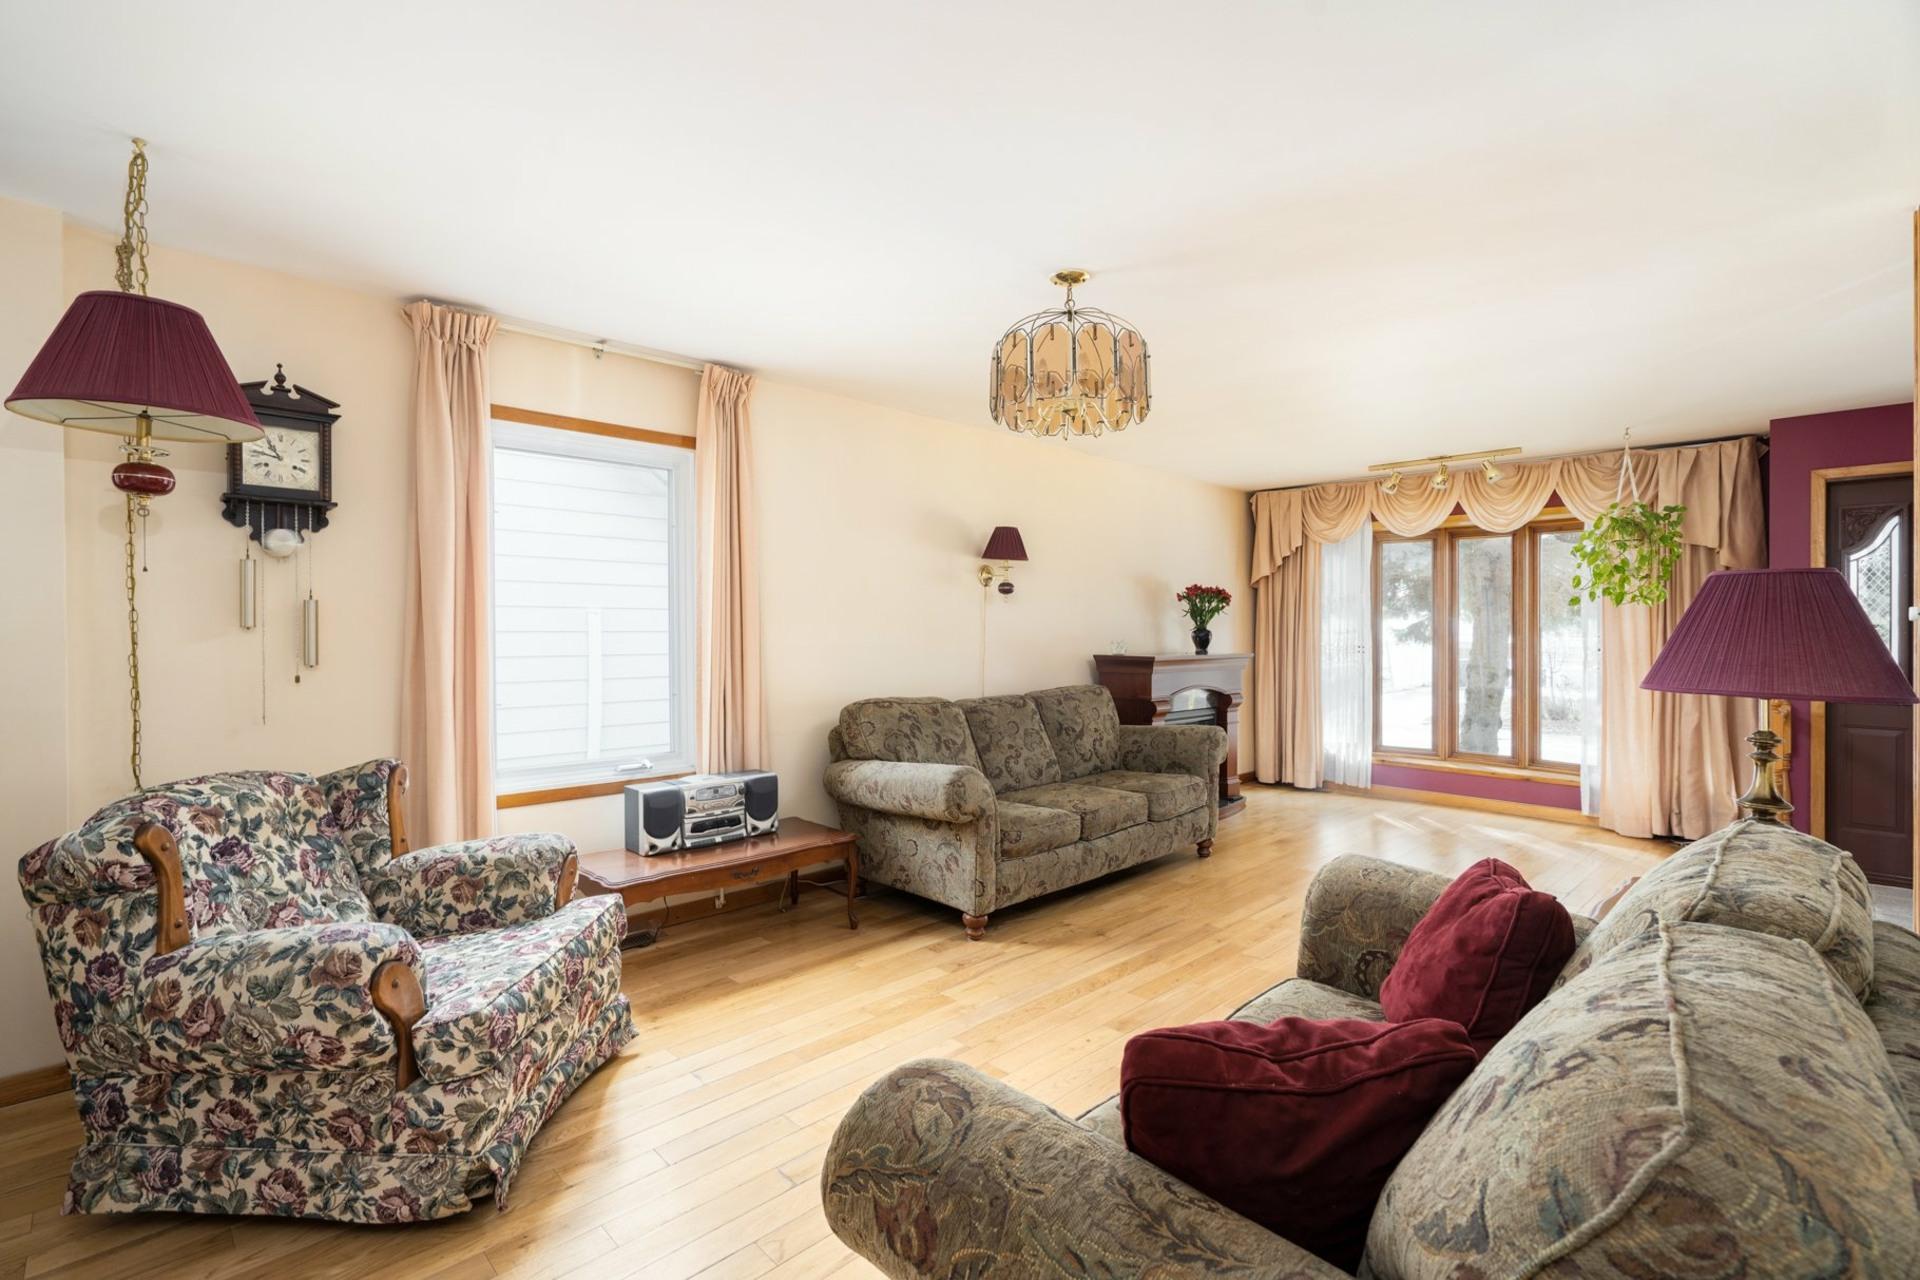 image 3 - House For sale Saint-Laurent Montréal  - 9 rooms